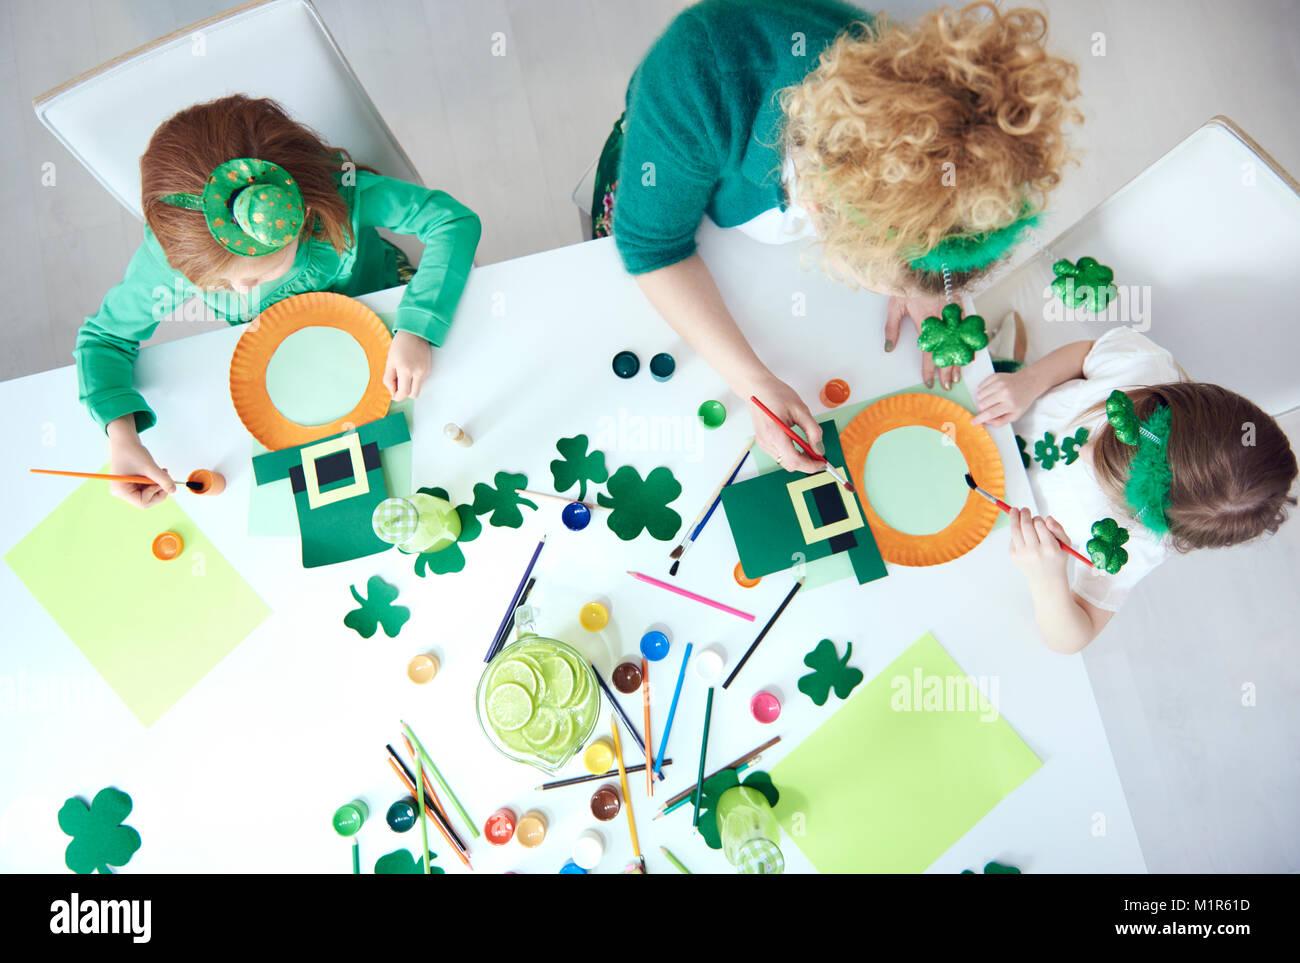 Familia, preparando las decoraciones para el Día de San Patricio Imagen De Stock